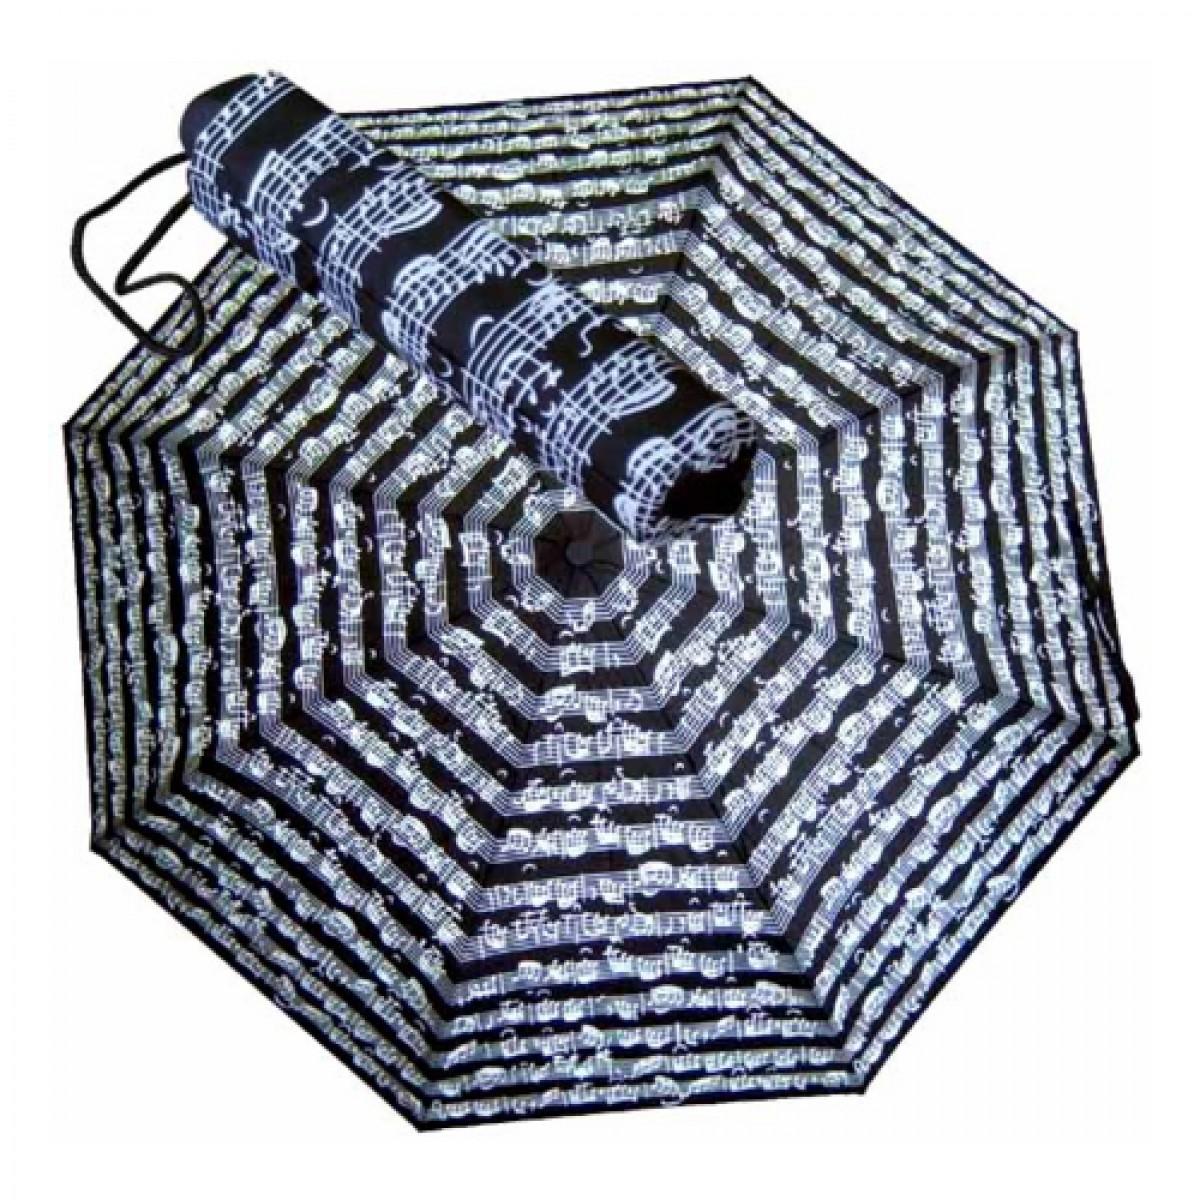 Regenschirm Knirps, Taschenschirm, Noten, schwarz